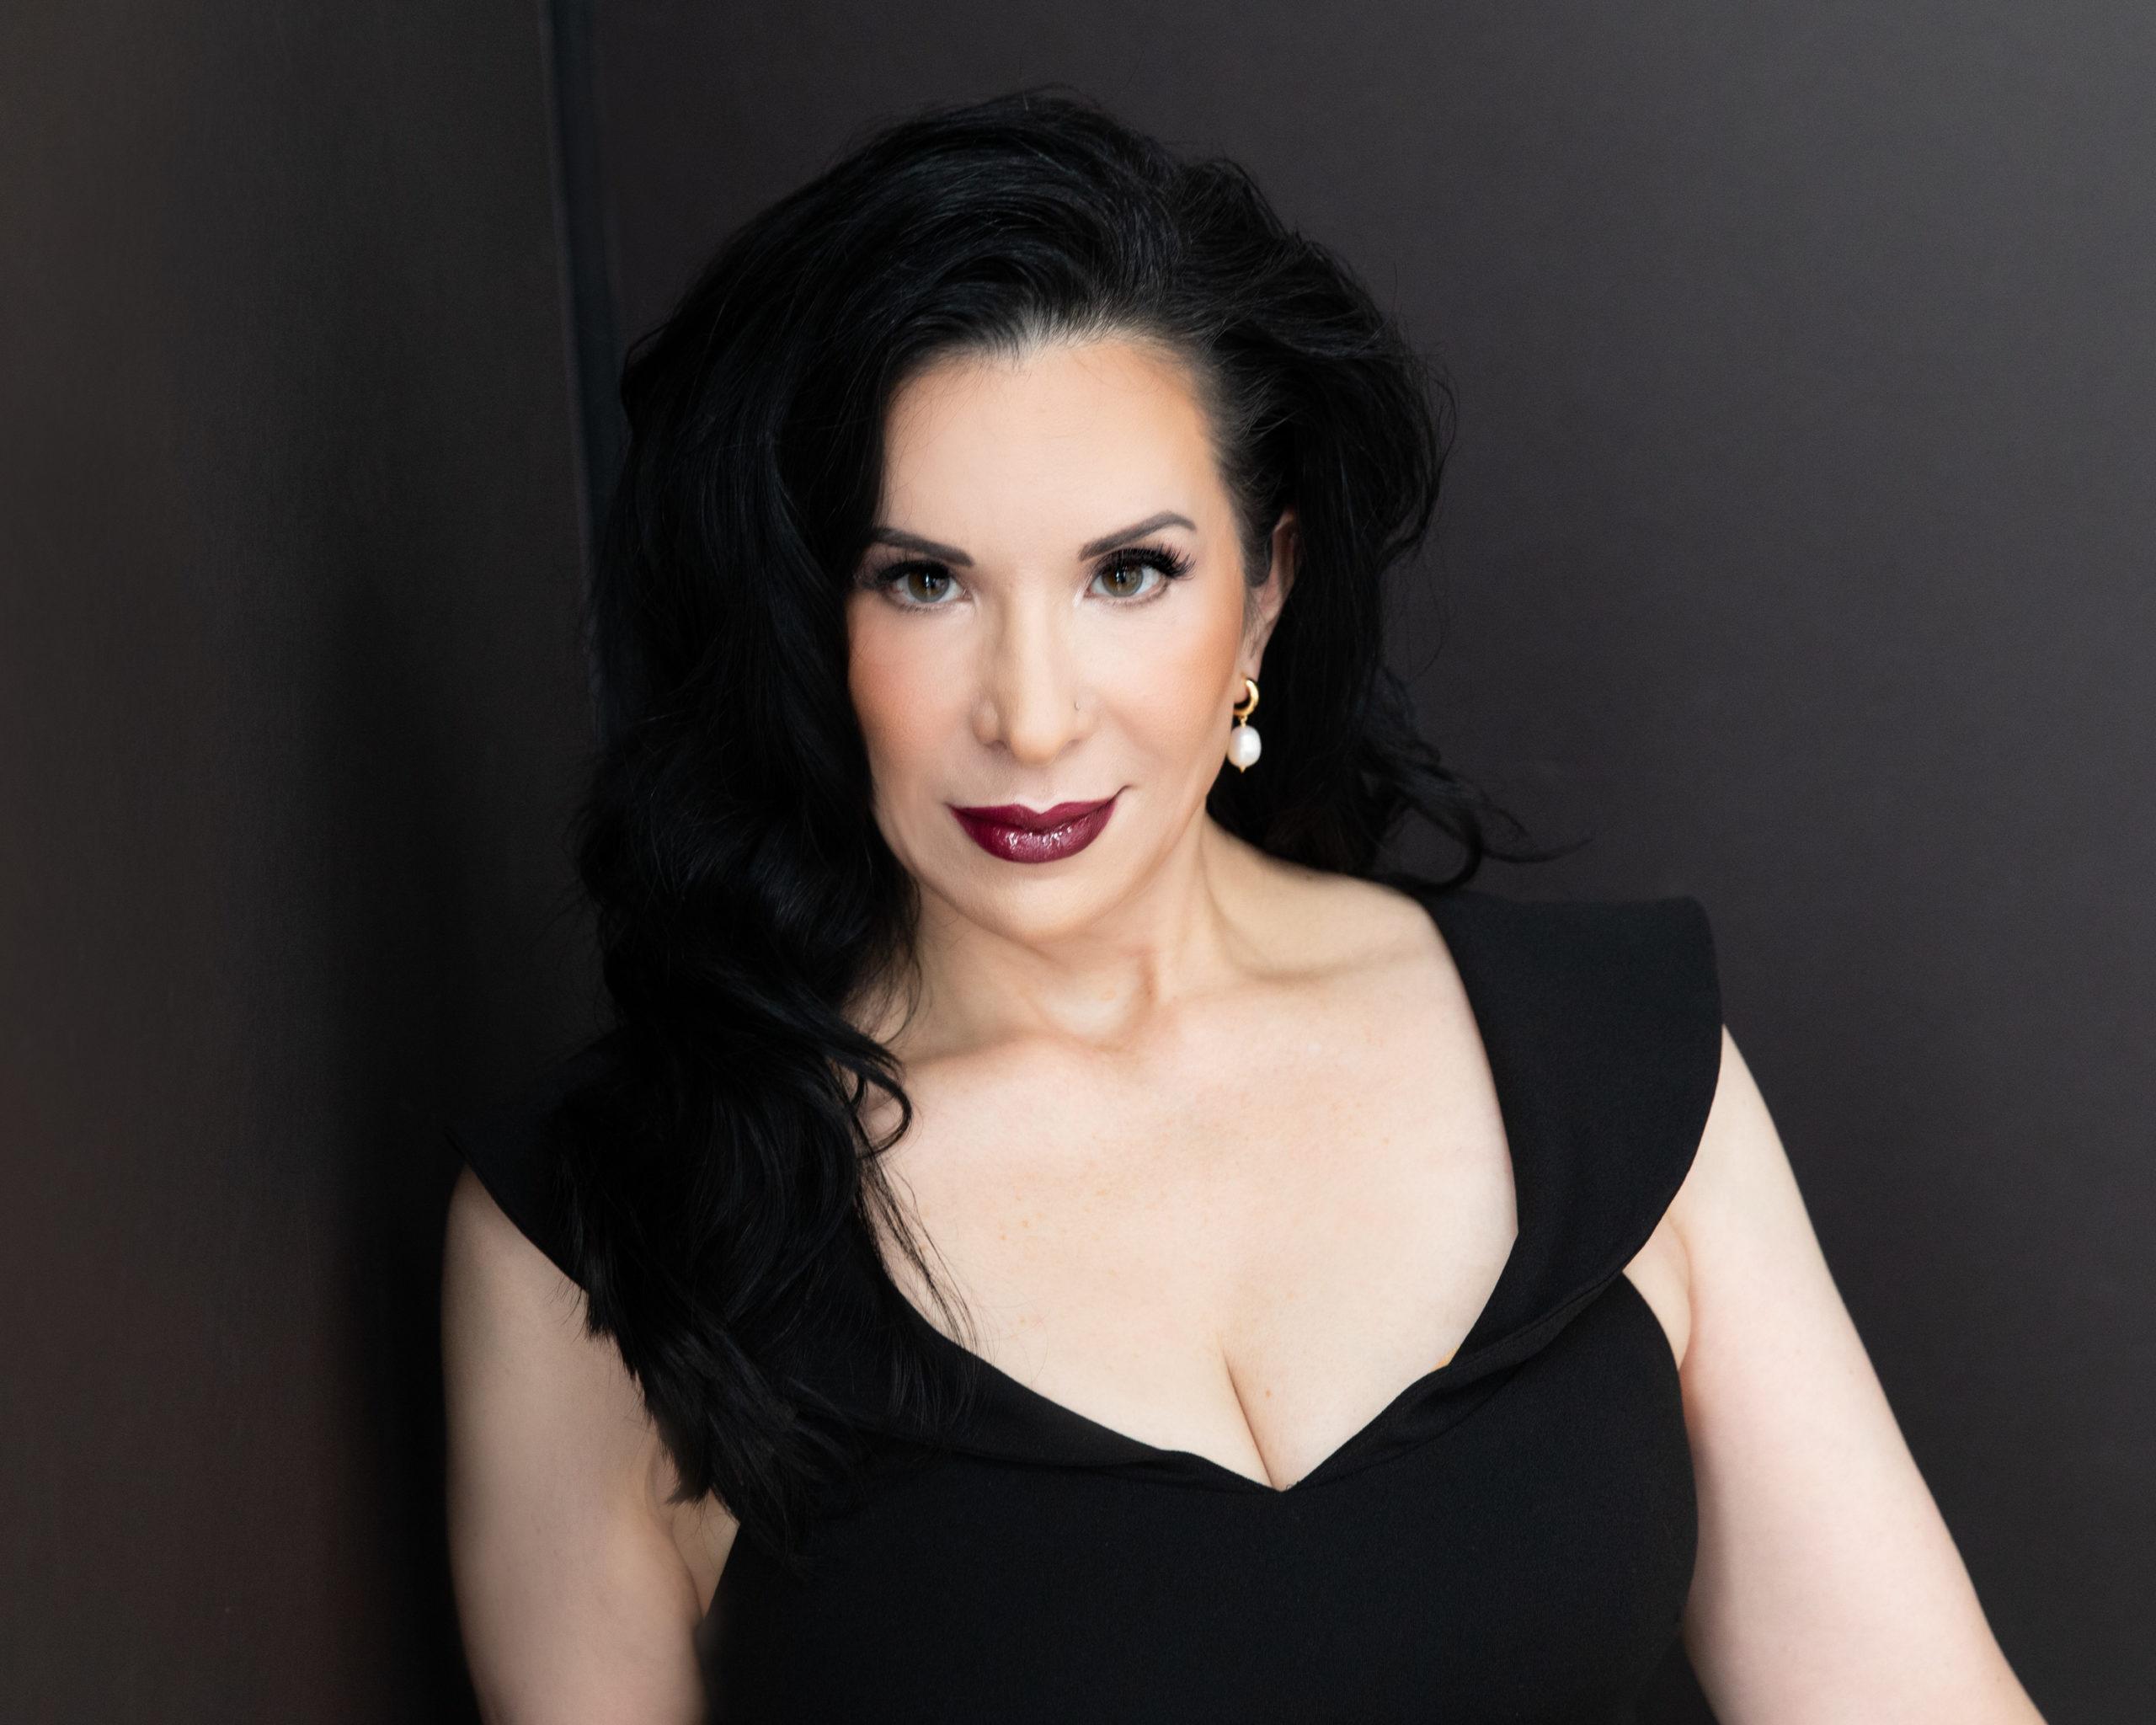 Alina Sholar posing with isolated black background